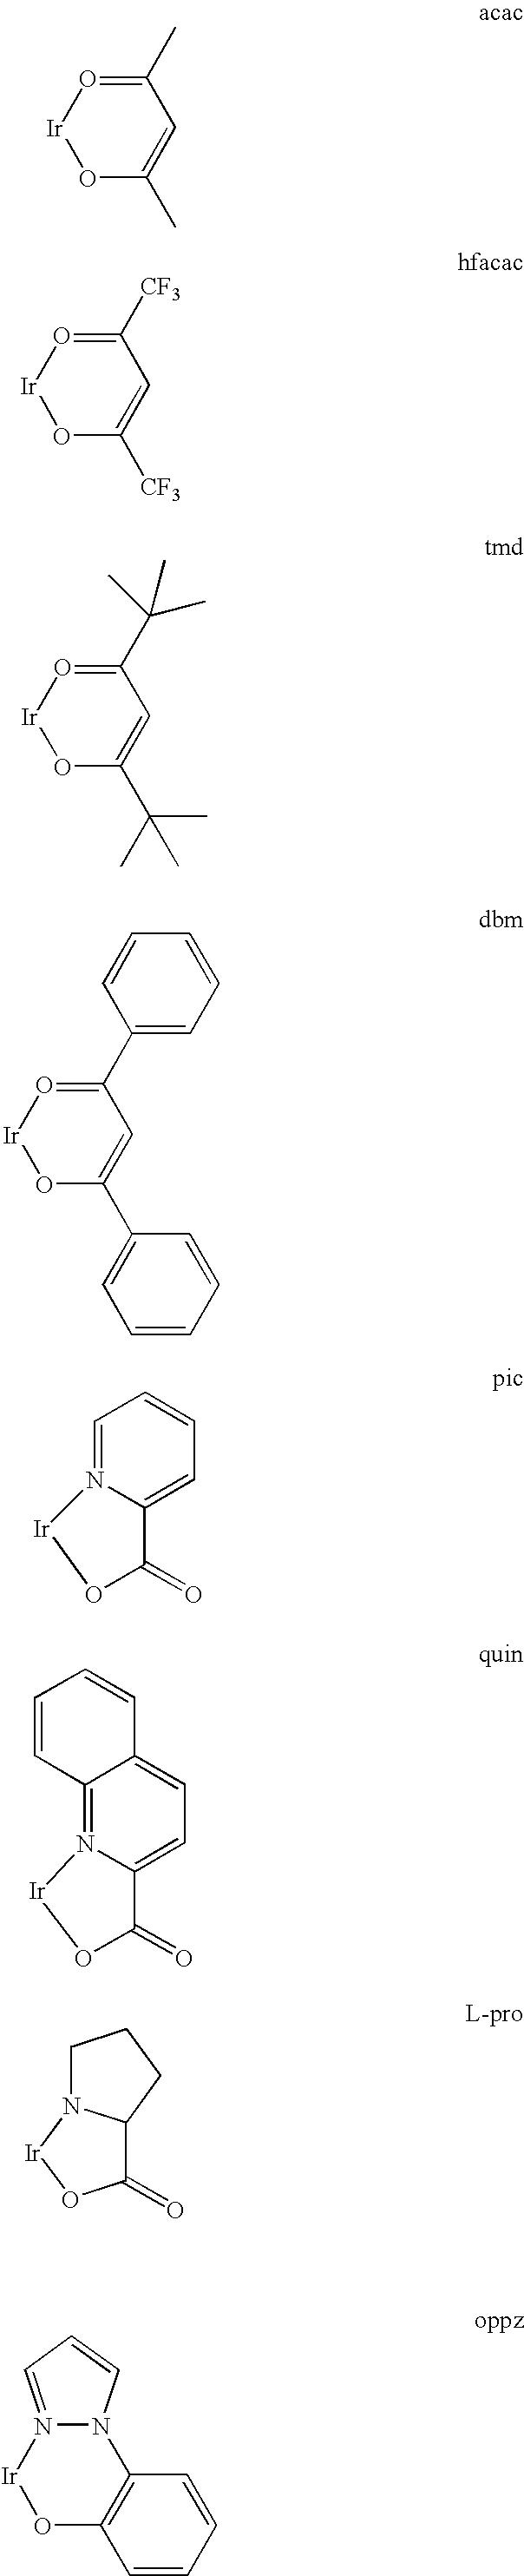 Figure US20050031903A1-20050210-C00009